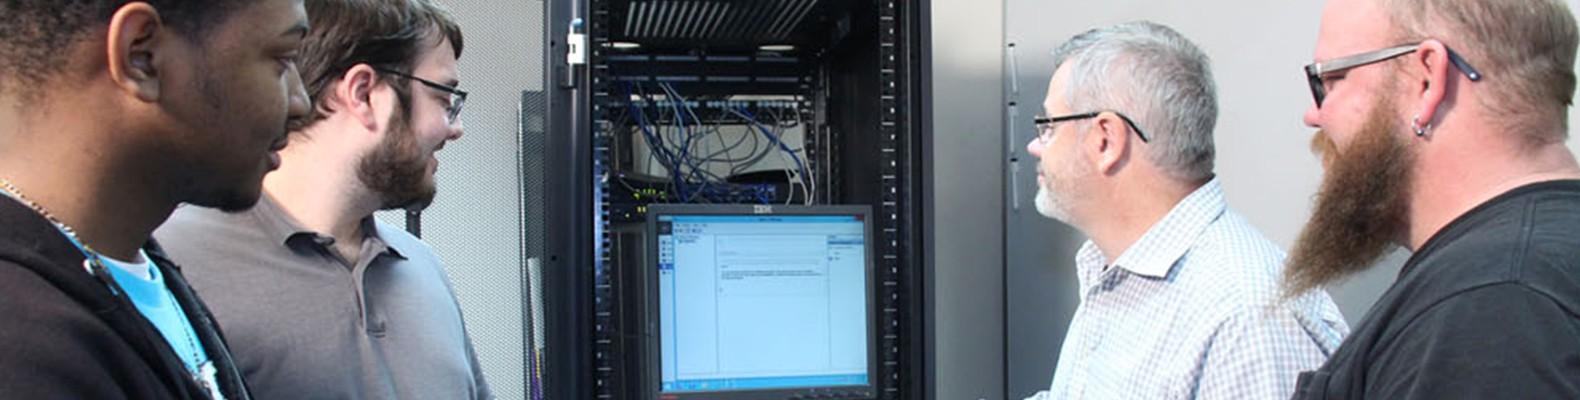 IT_Lab01